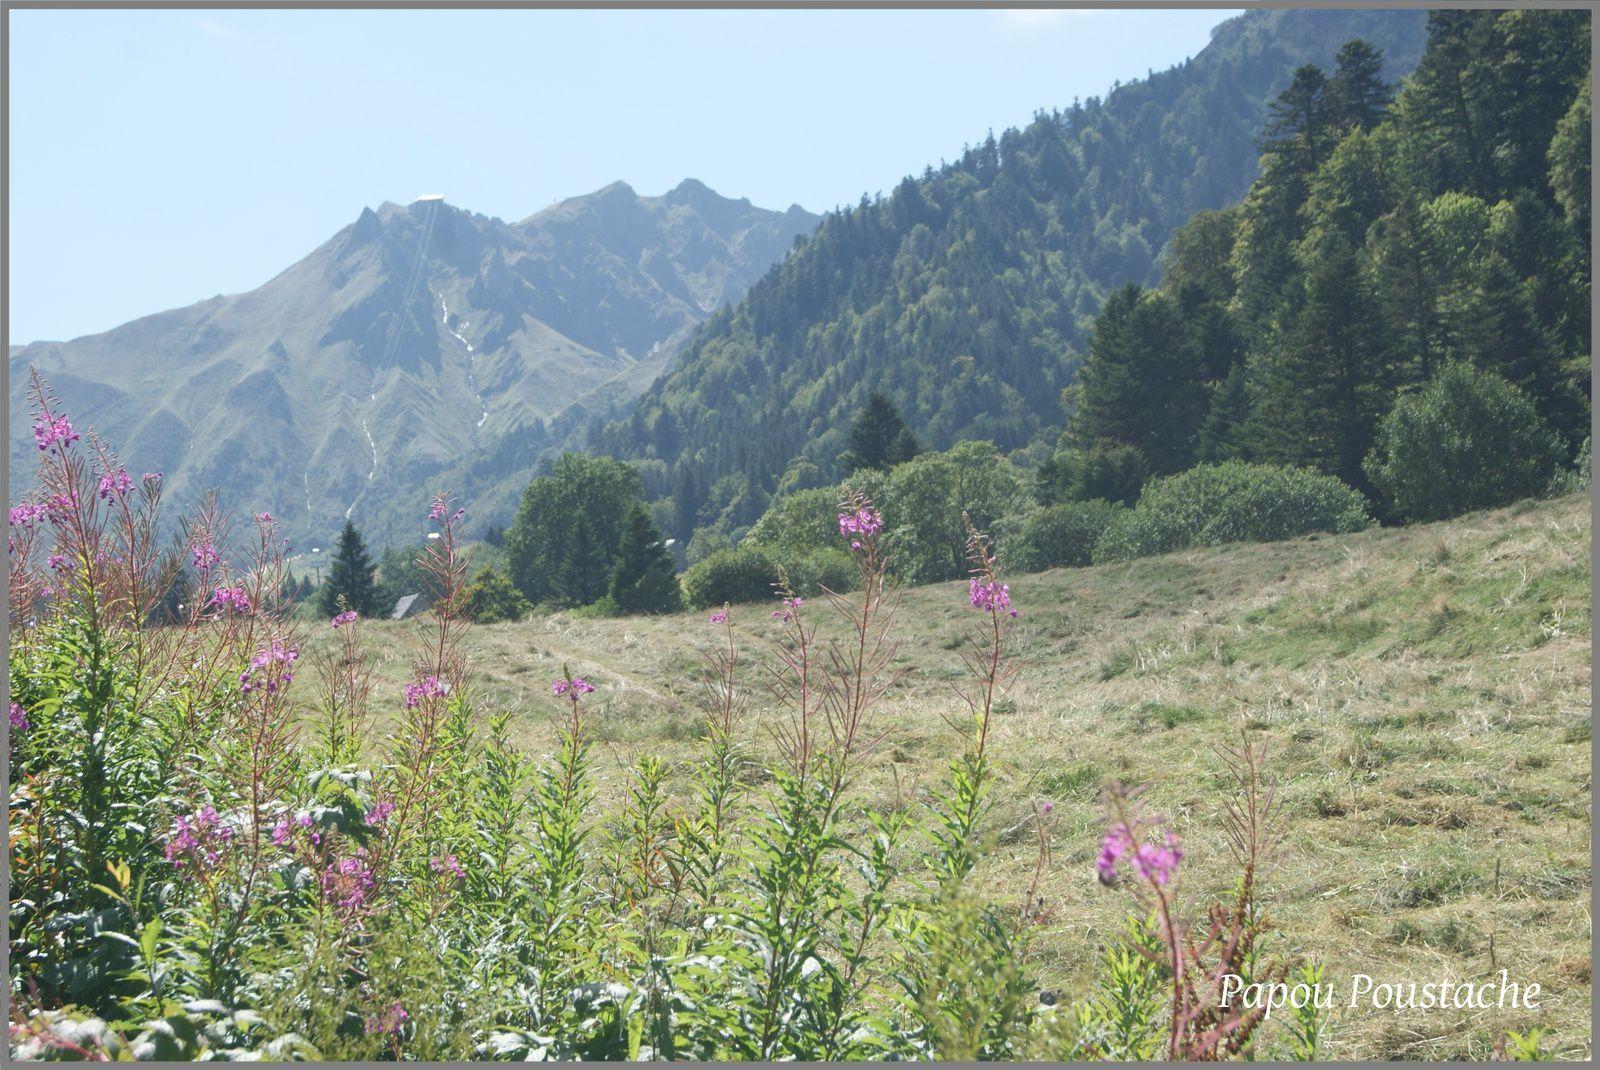 Auvergne:Les Monts Dore